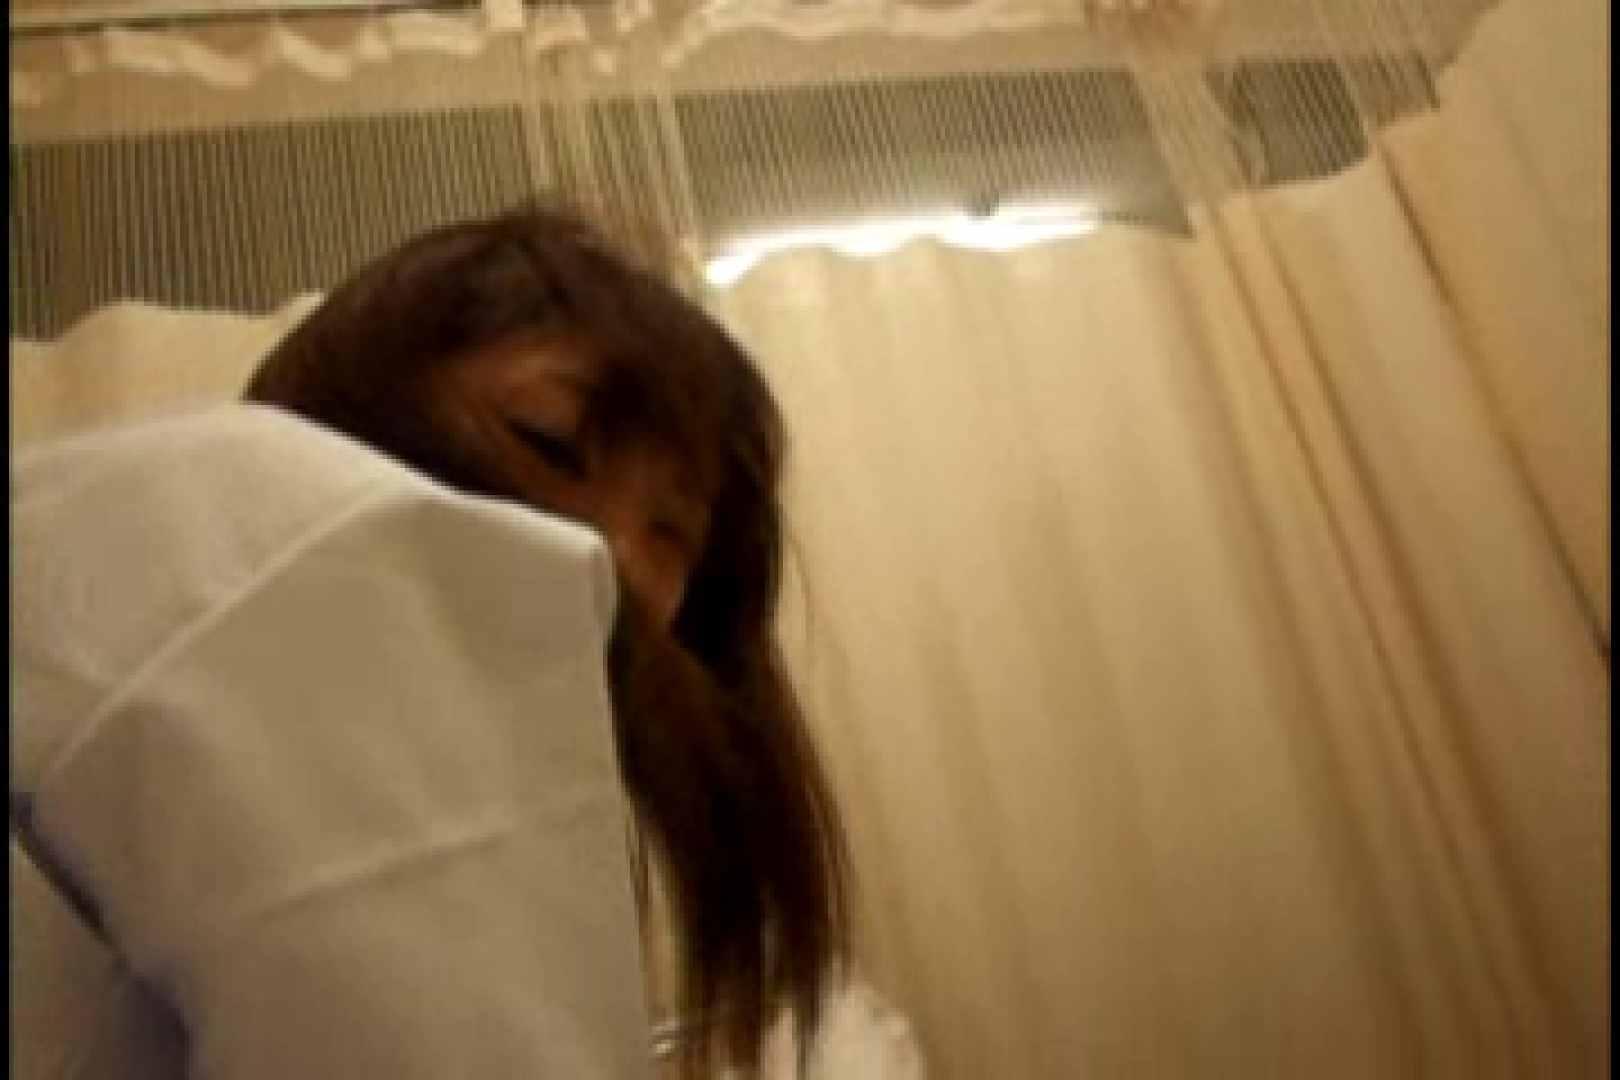 ヤリマンと呼ばれた看護士さんvol2 フェラ オメコ無修正動画無料 61連発 54